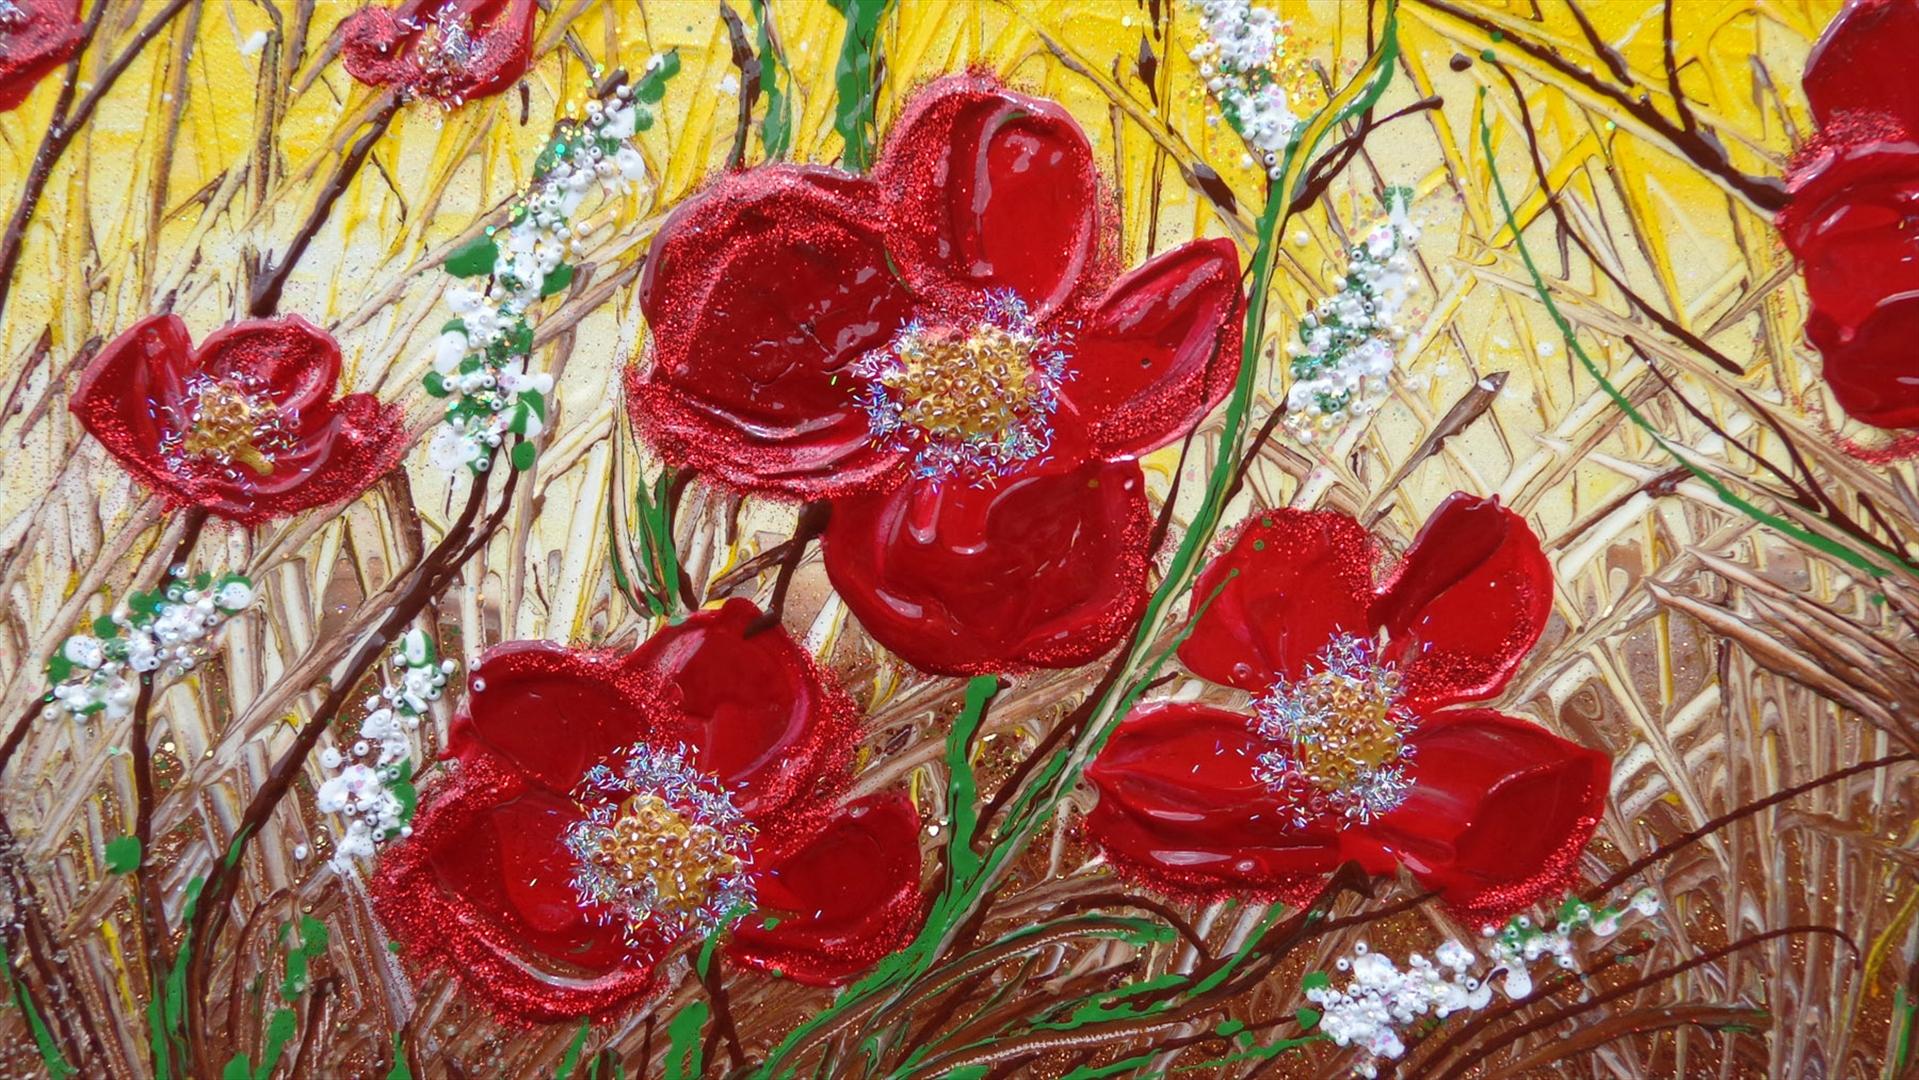 Fiori rossi rampicanti vendita quadri online quadri for Immagini di quadri con fiori